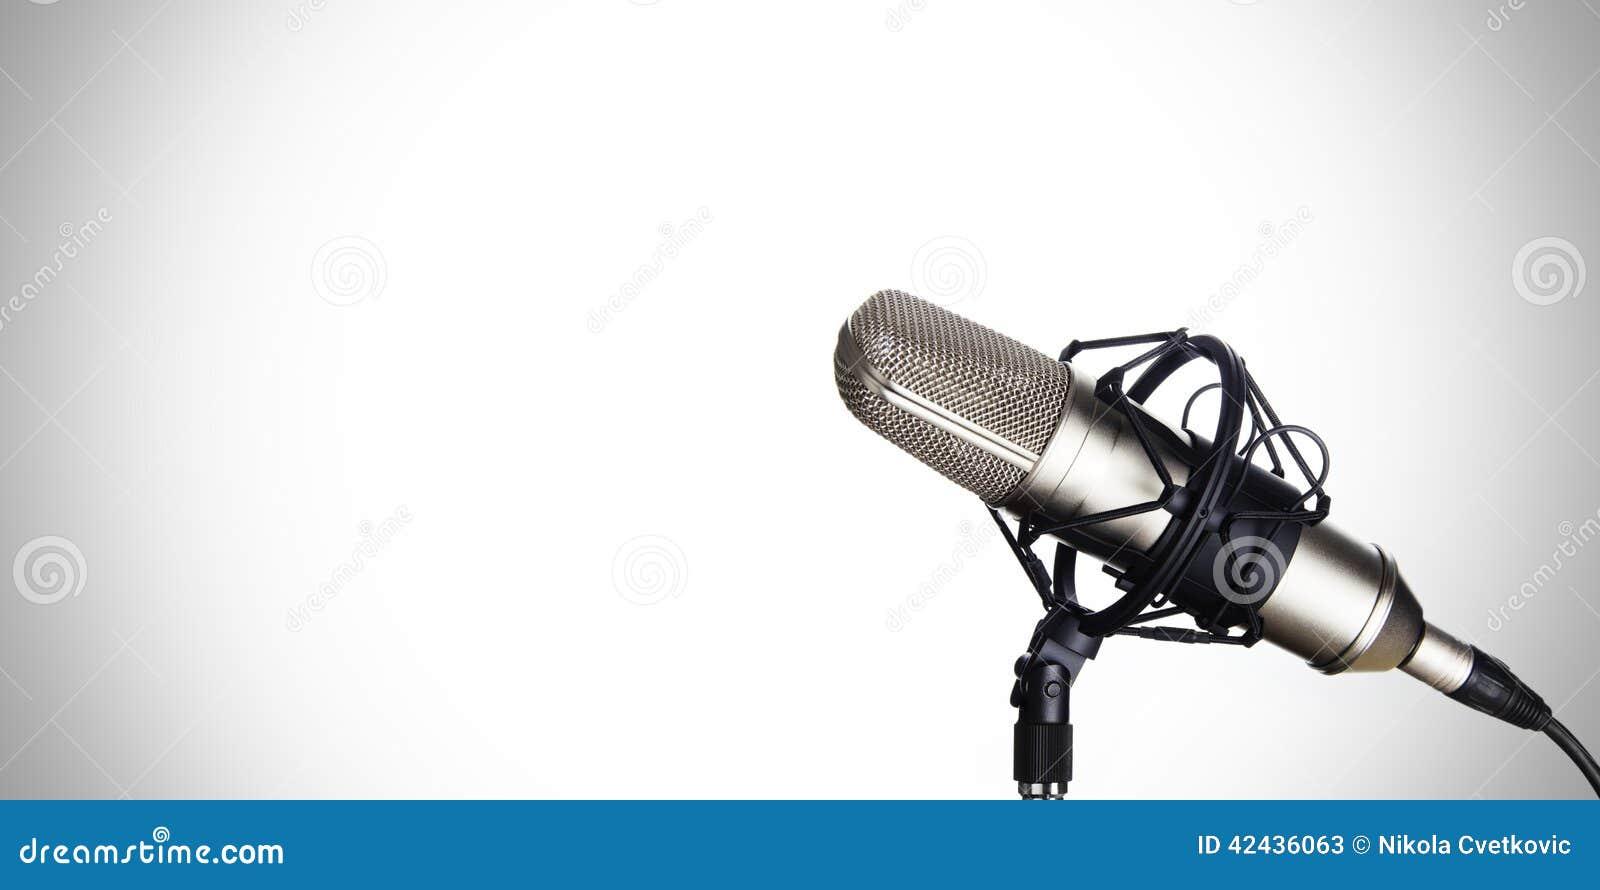 Micrófono dinámico en un fondo blanco